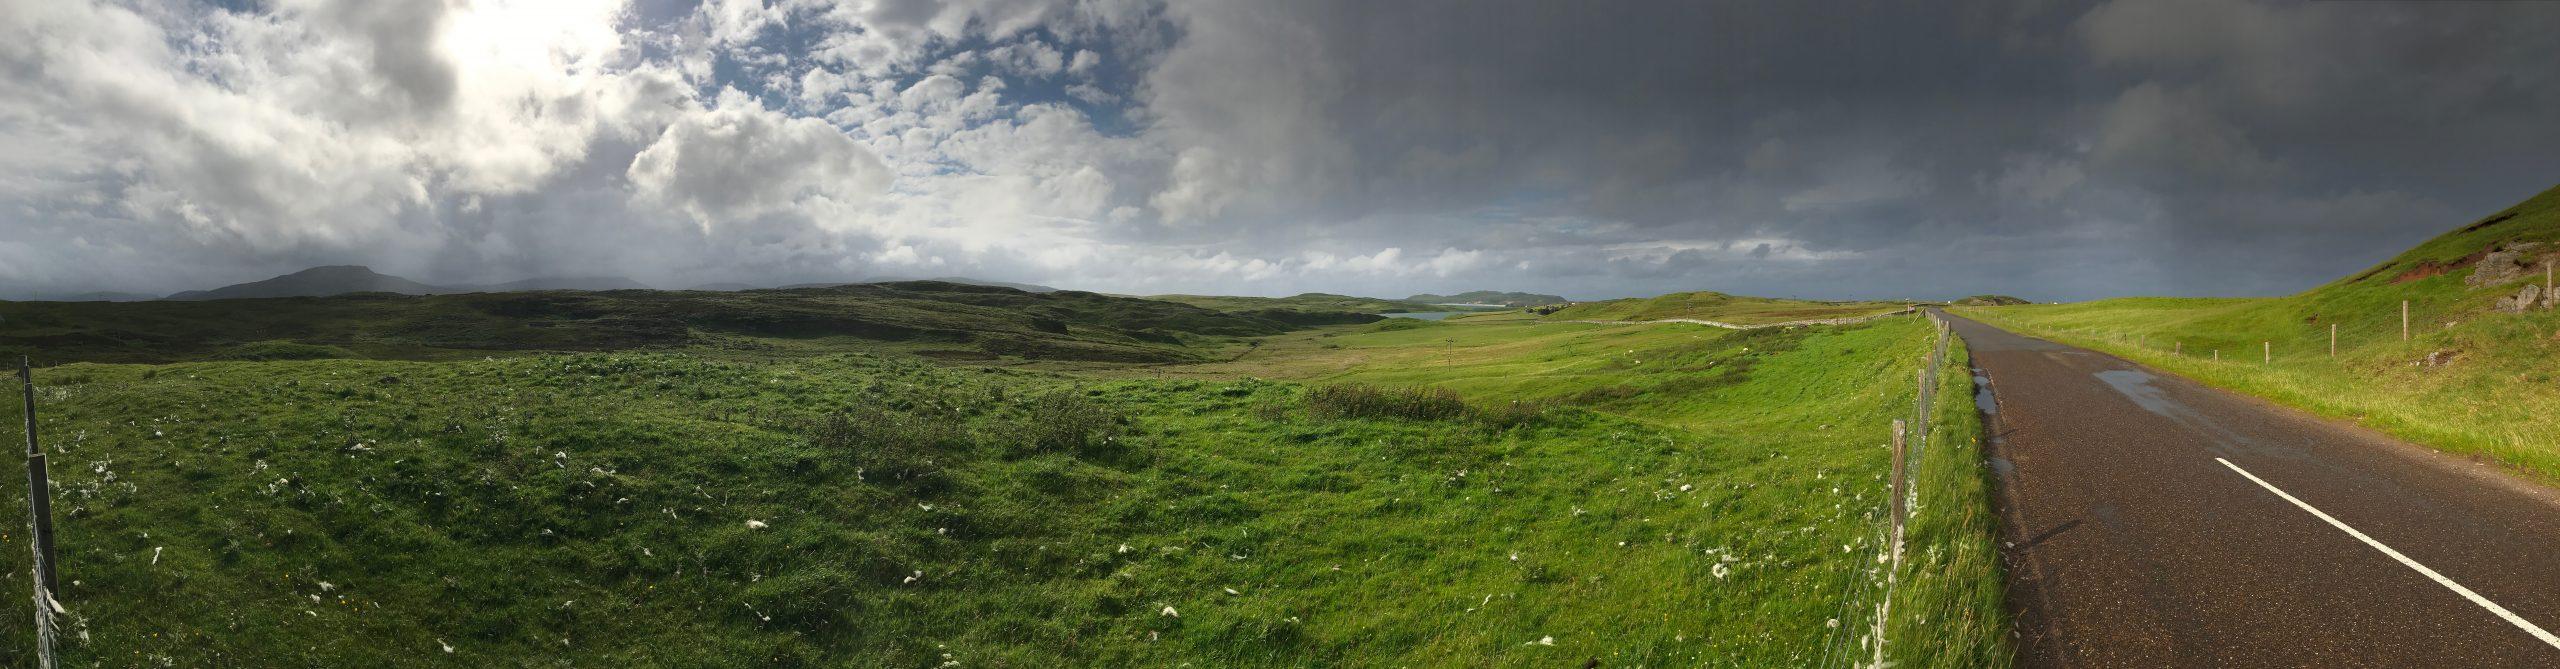 Lairg, Scotland